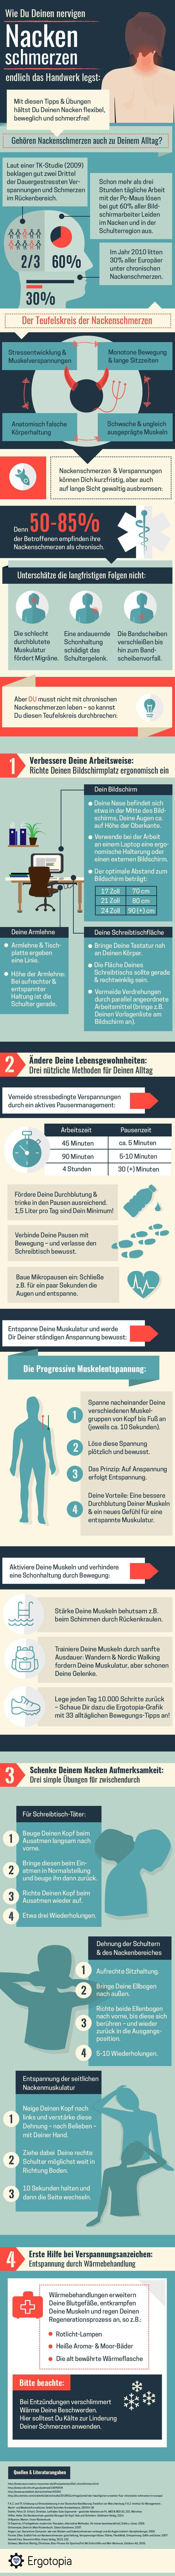 [Infografik] Wie Du Deinen nervigen Nackenschmerzen endlich das Handwerk legst